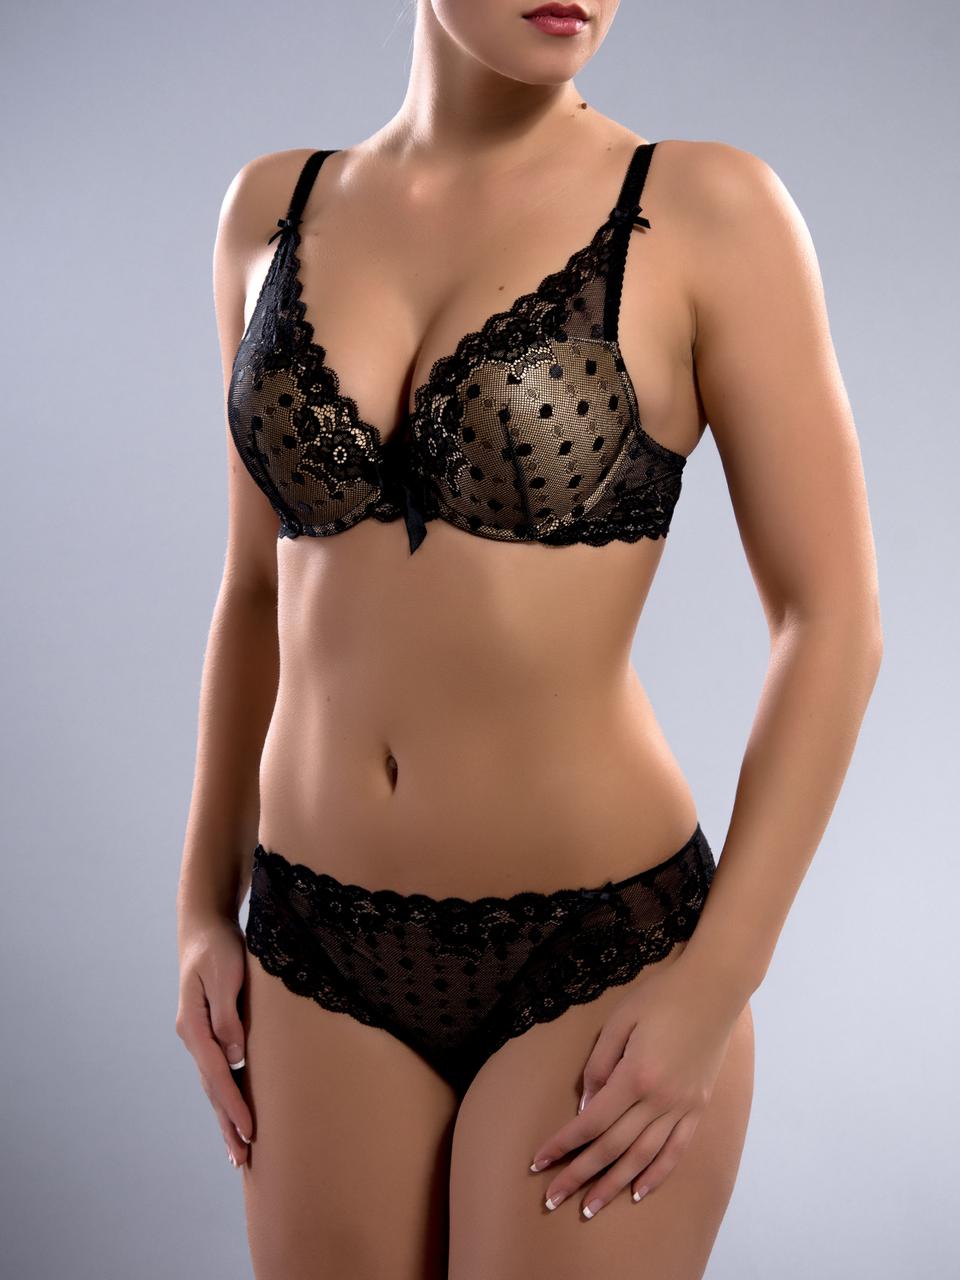 Комплект женского нижнего белья Acousma A6407BC-P6407H, цвет Черно-Бежевый, размер 85B-XL